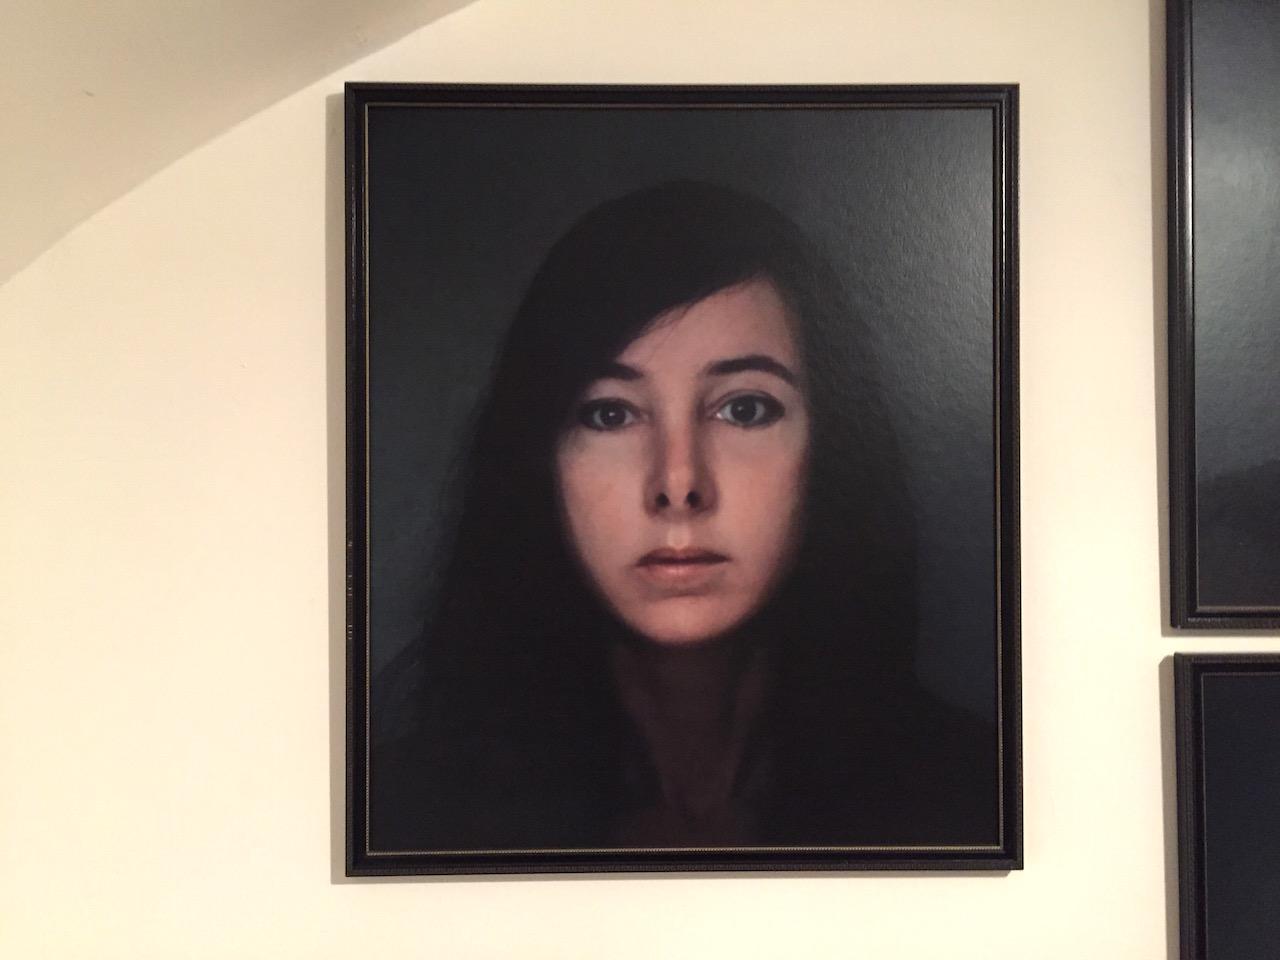 3-Myriam Bouagal galerie-Sleep with me--2015-Paris-4.JPG